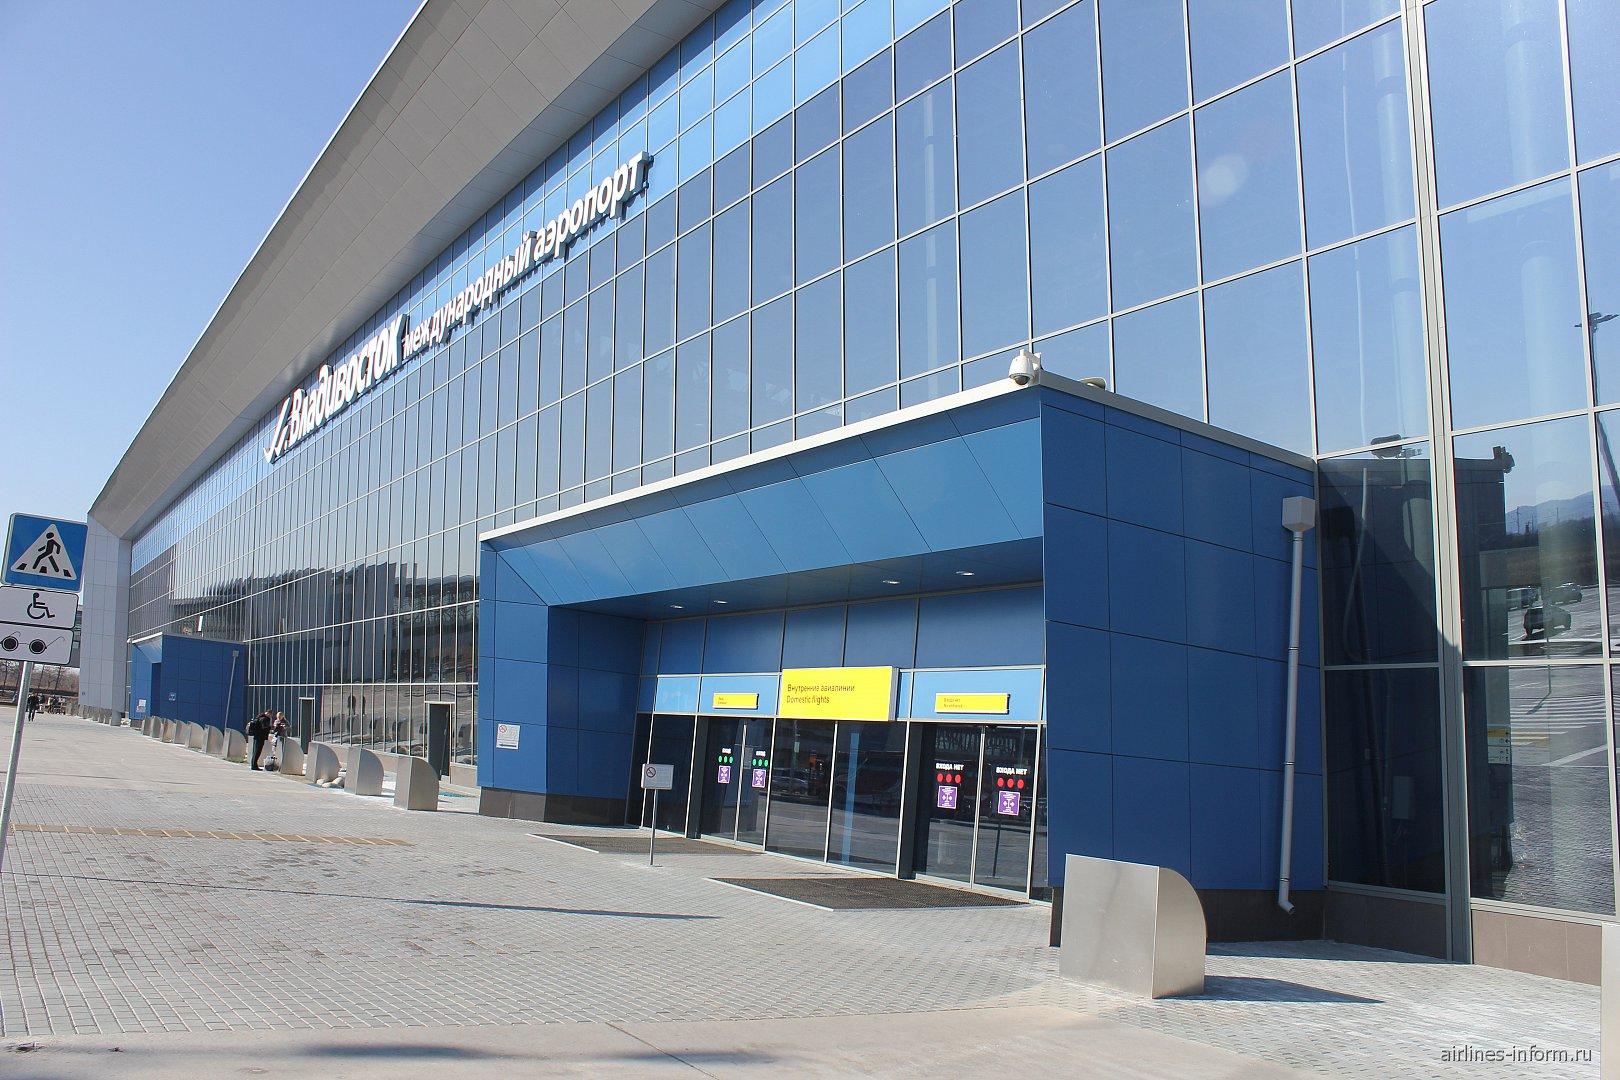 Вход в пассажирский терминал аэропорта Владивосток